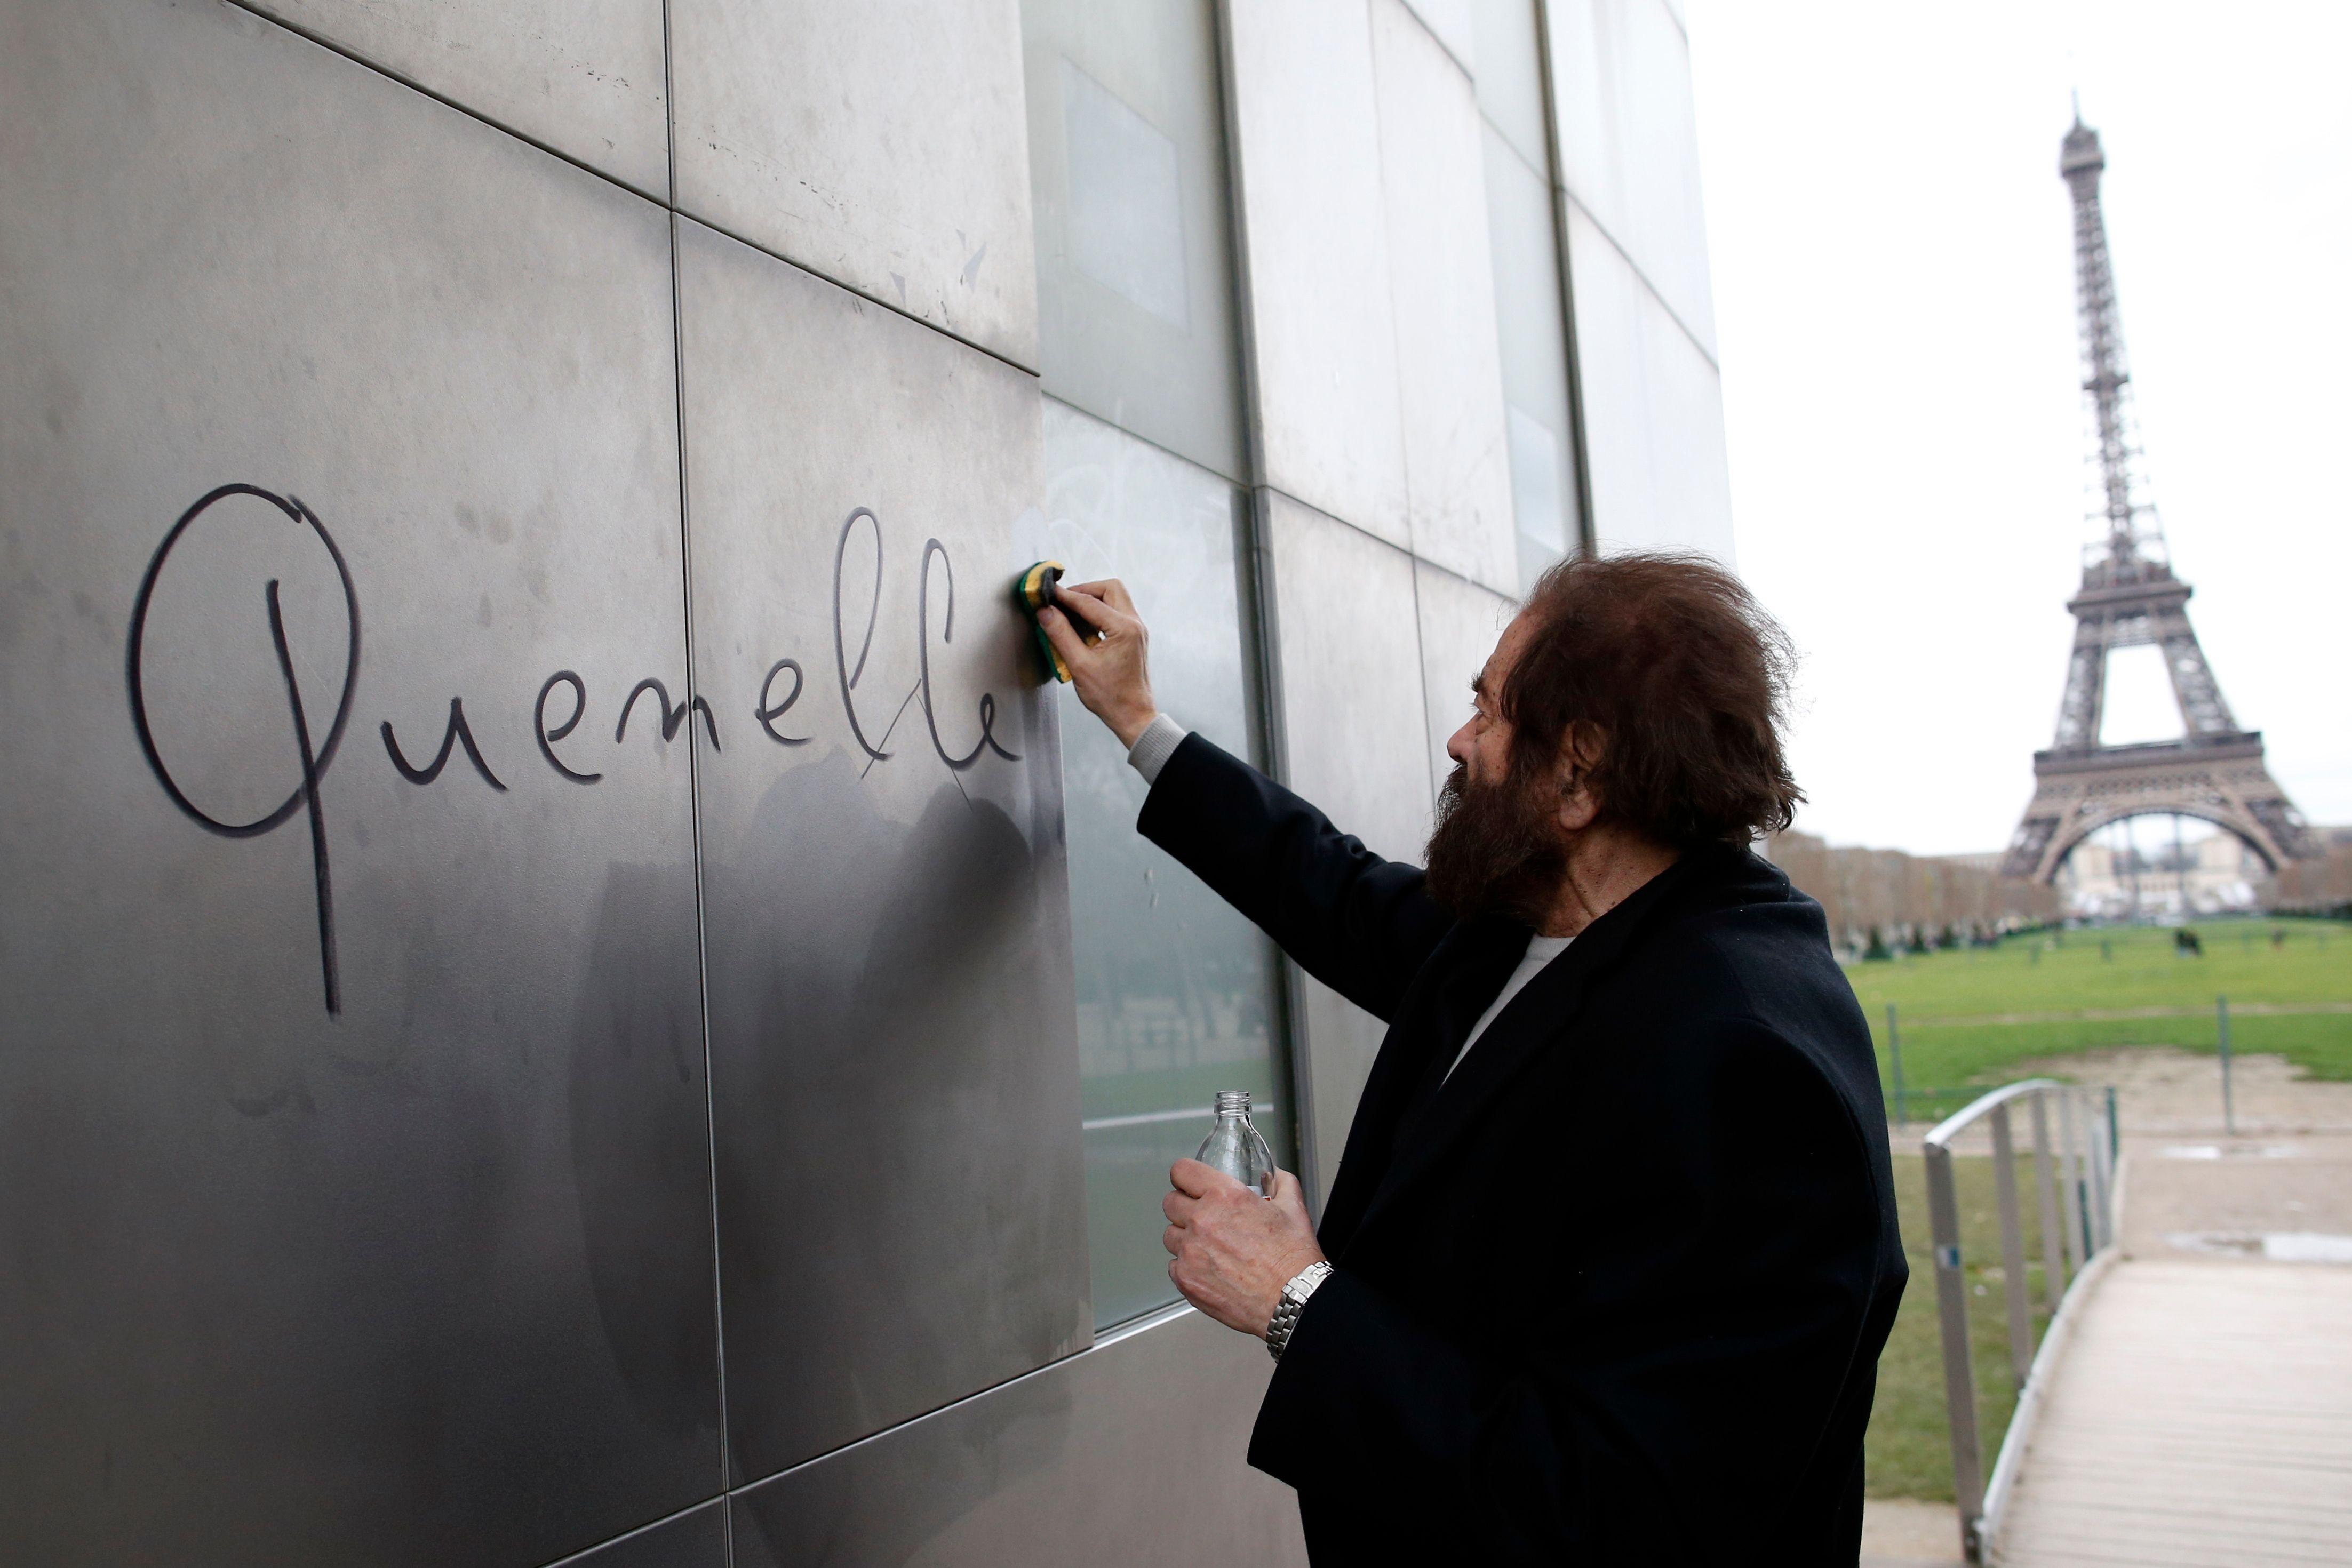 """L'auteur français Marek Halter nettoie le mot """"quenelle"""" écrit """"Le mur pour la paix"""" au Champs de Mars près de la Tour Eiffel à Paris."""